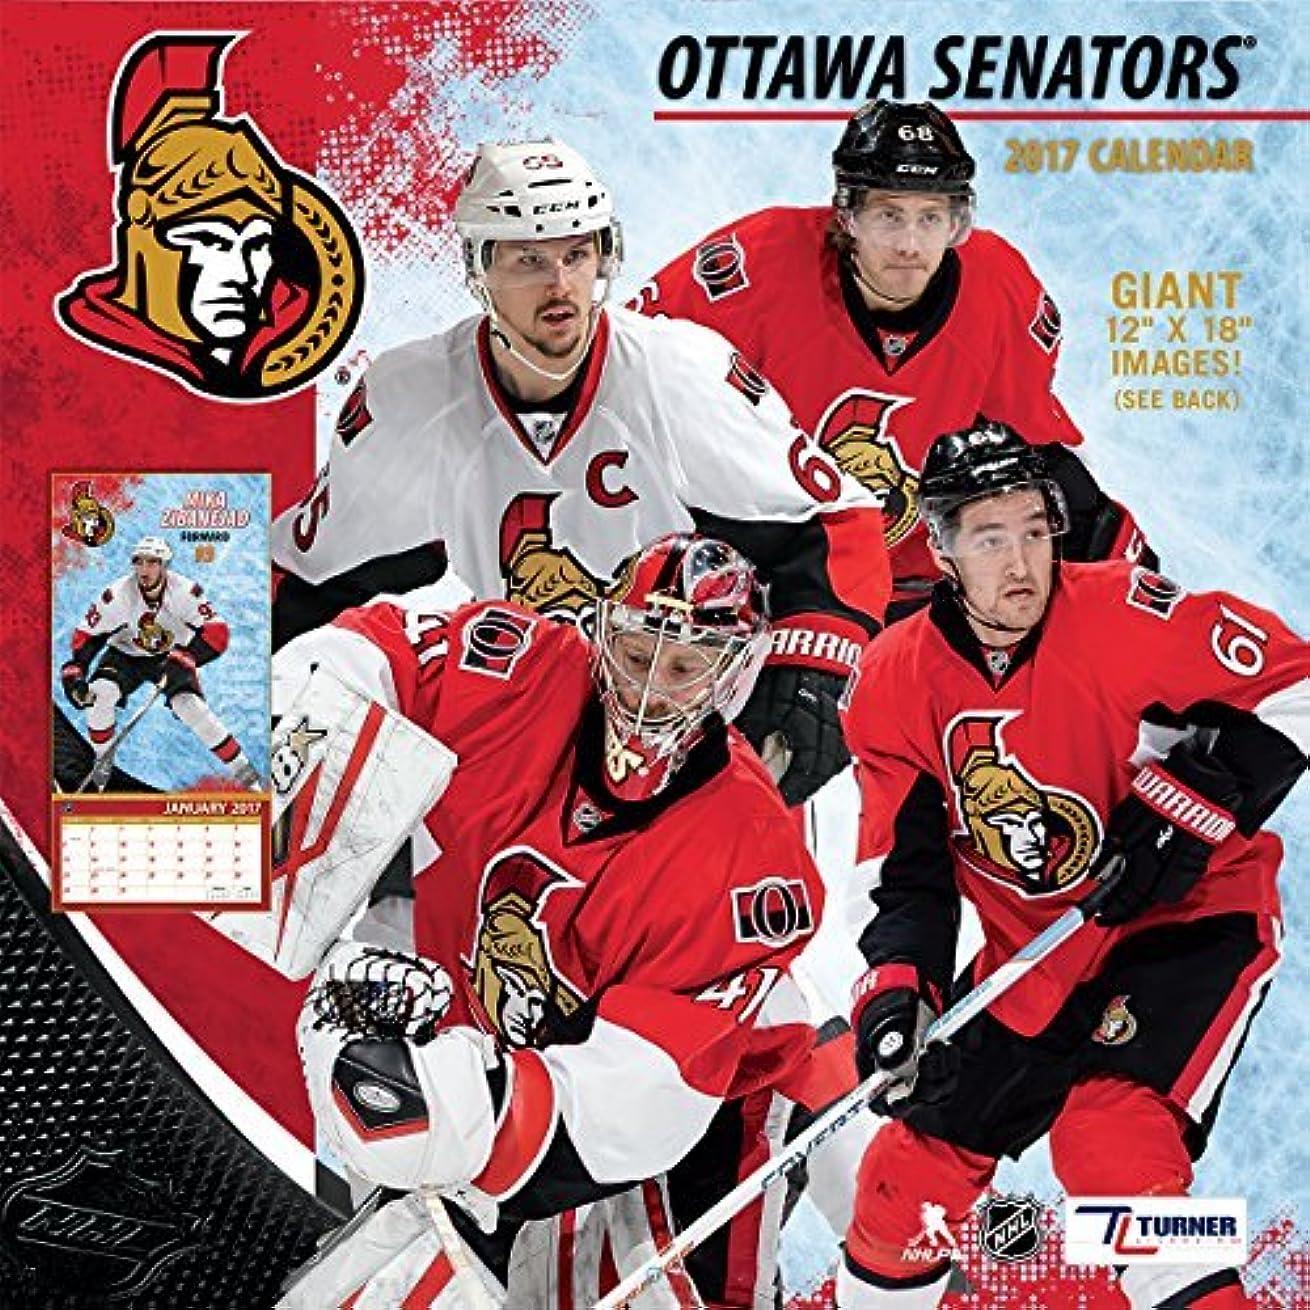 インポート仮定する南Turner Licensing Sport 2017 Ottawa Senators Team Wall Calendar 12X12 (17998011950) [並行輸入品]